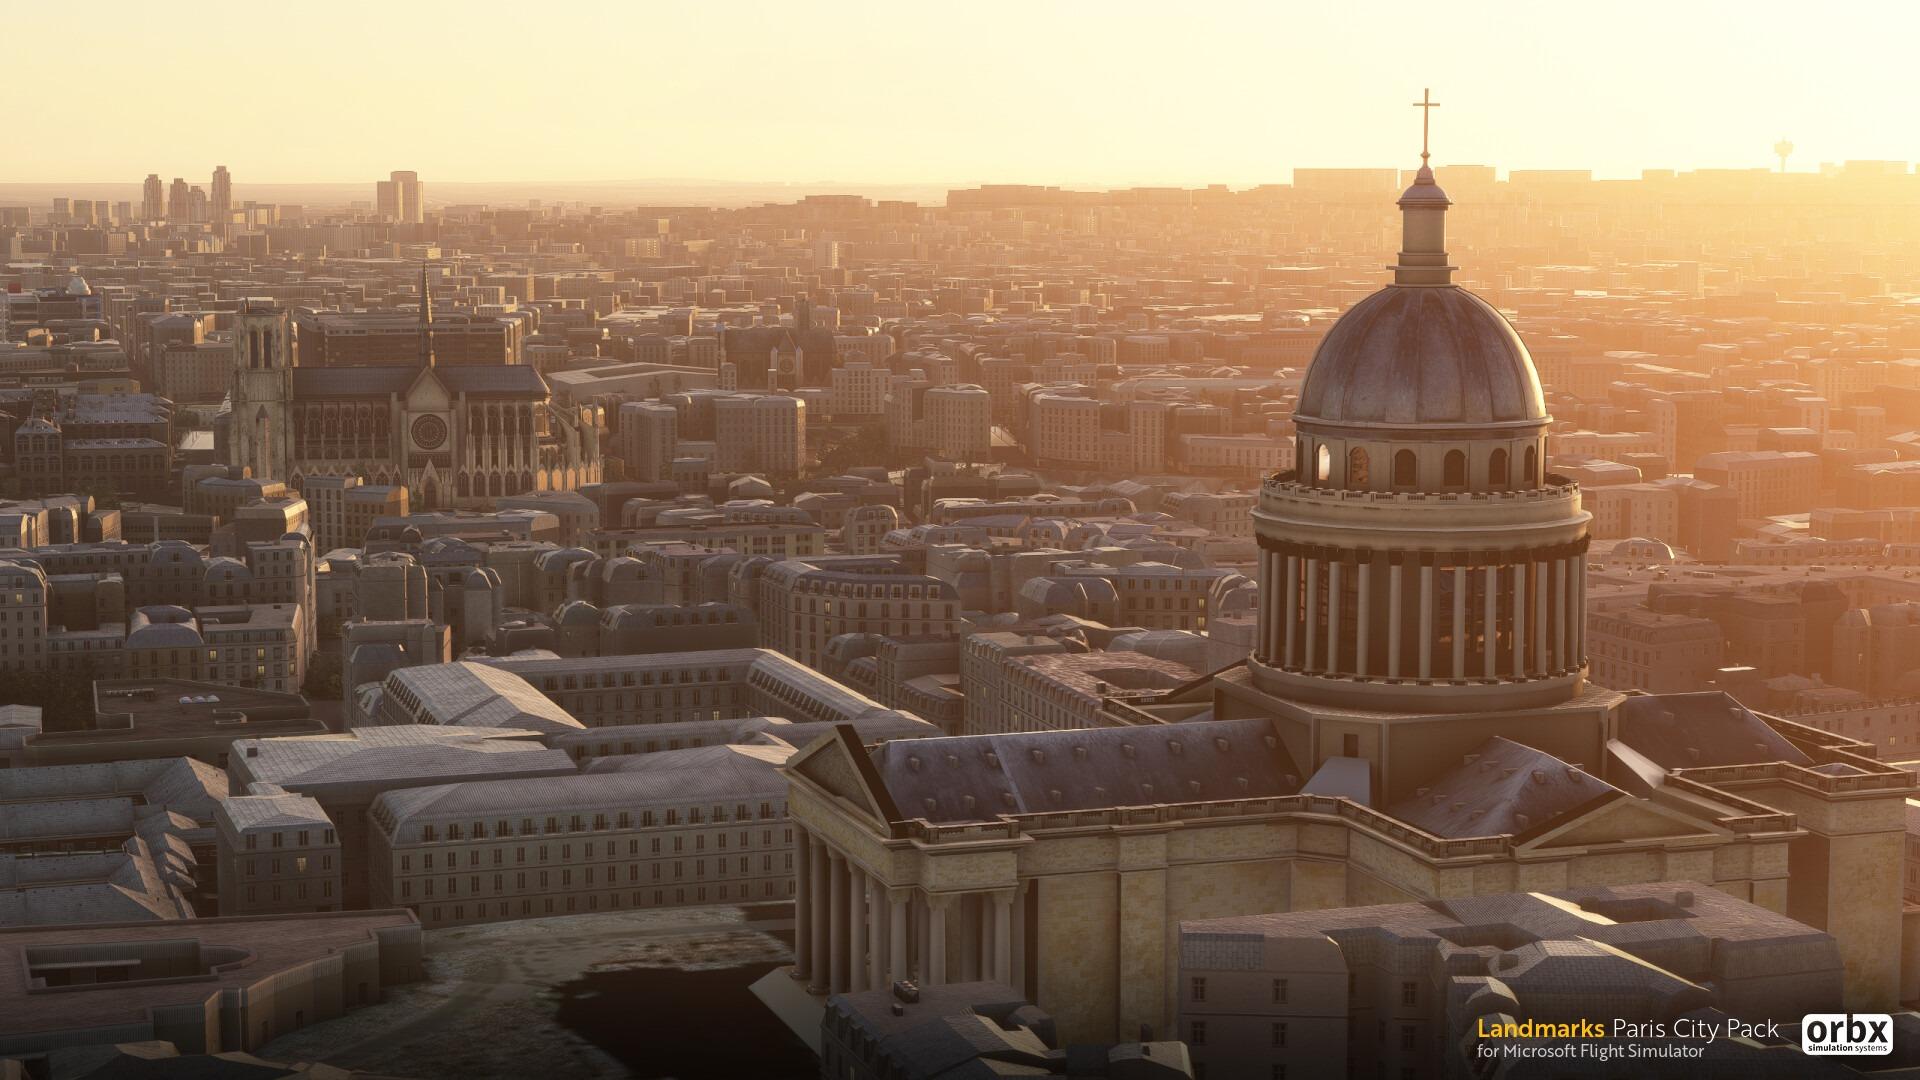 《微软飞行模拟》为巴黎地区开发新插件包